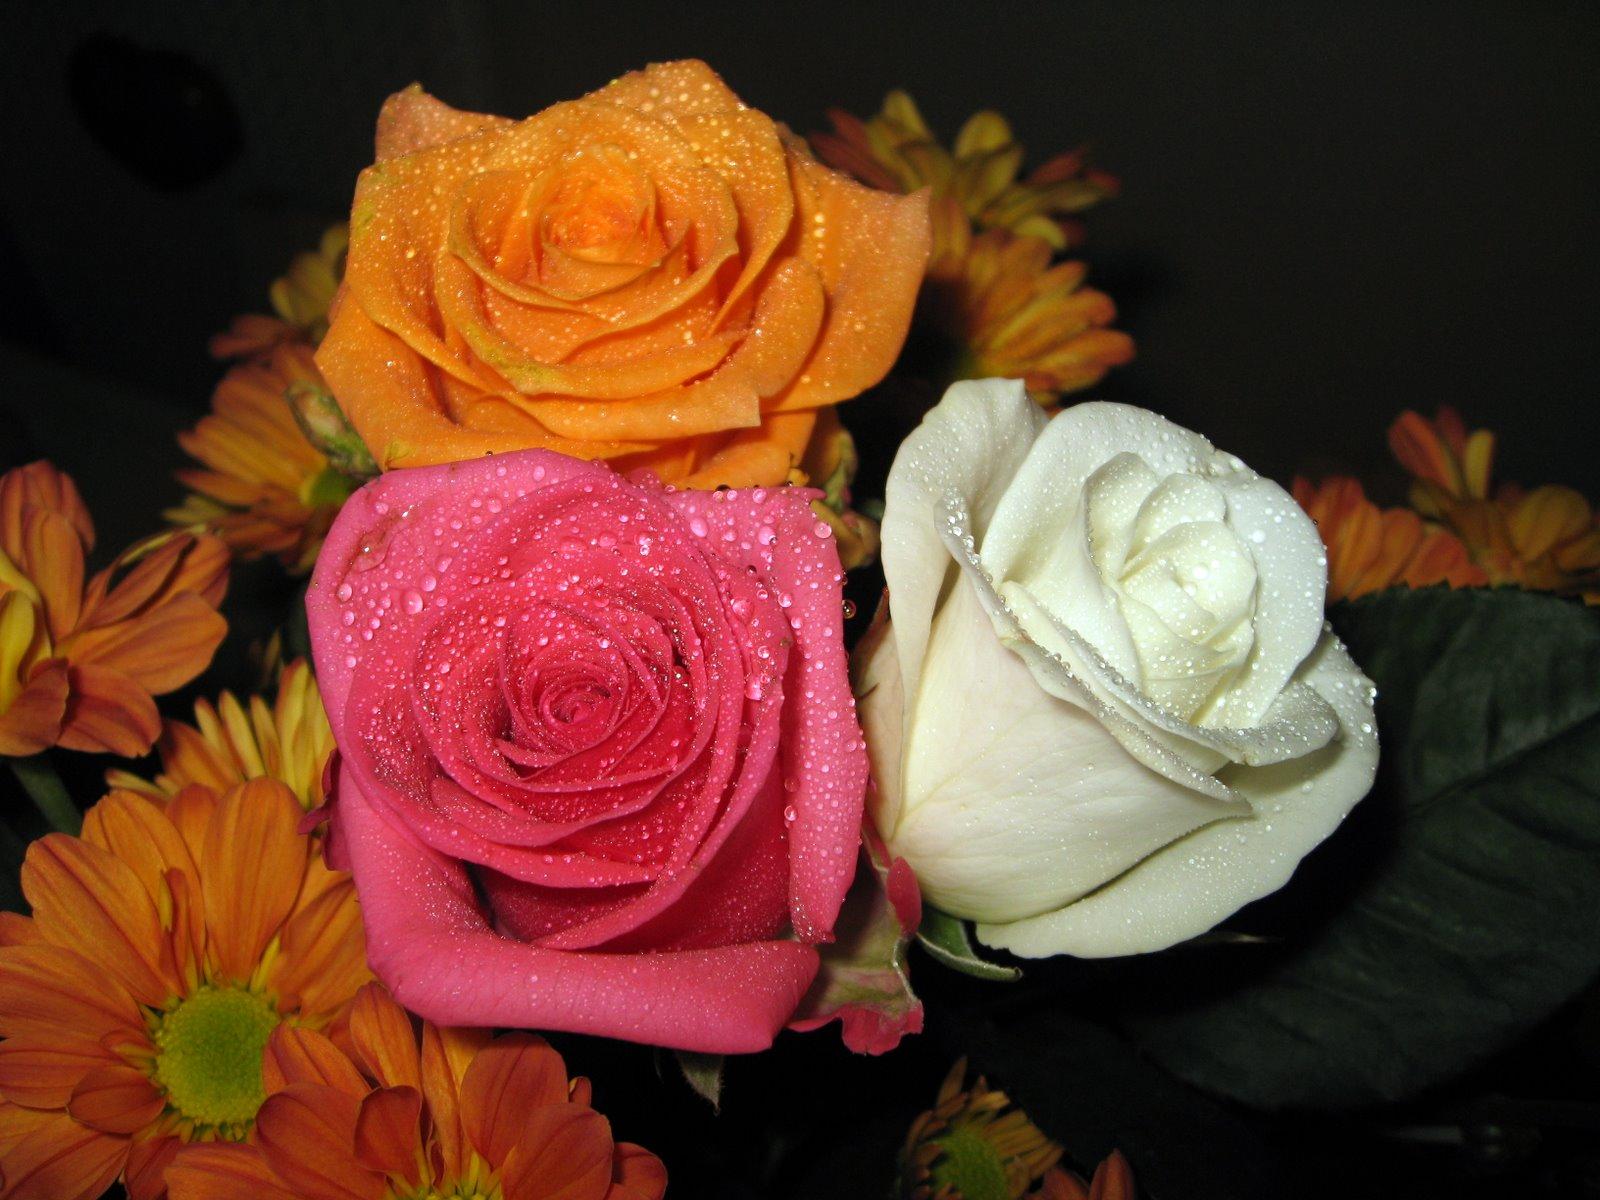 flor con mariposa de color rosa Descargar Fotos gratis - Imagenes De Mariposas Y Rosas